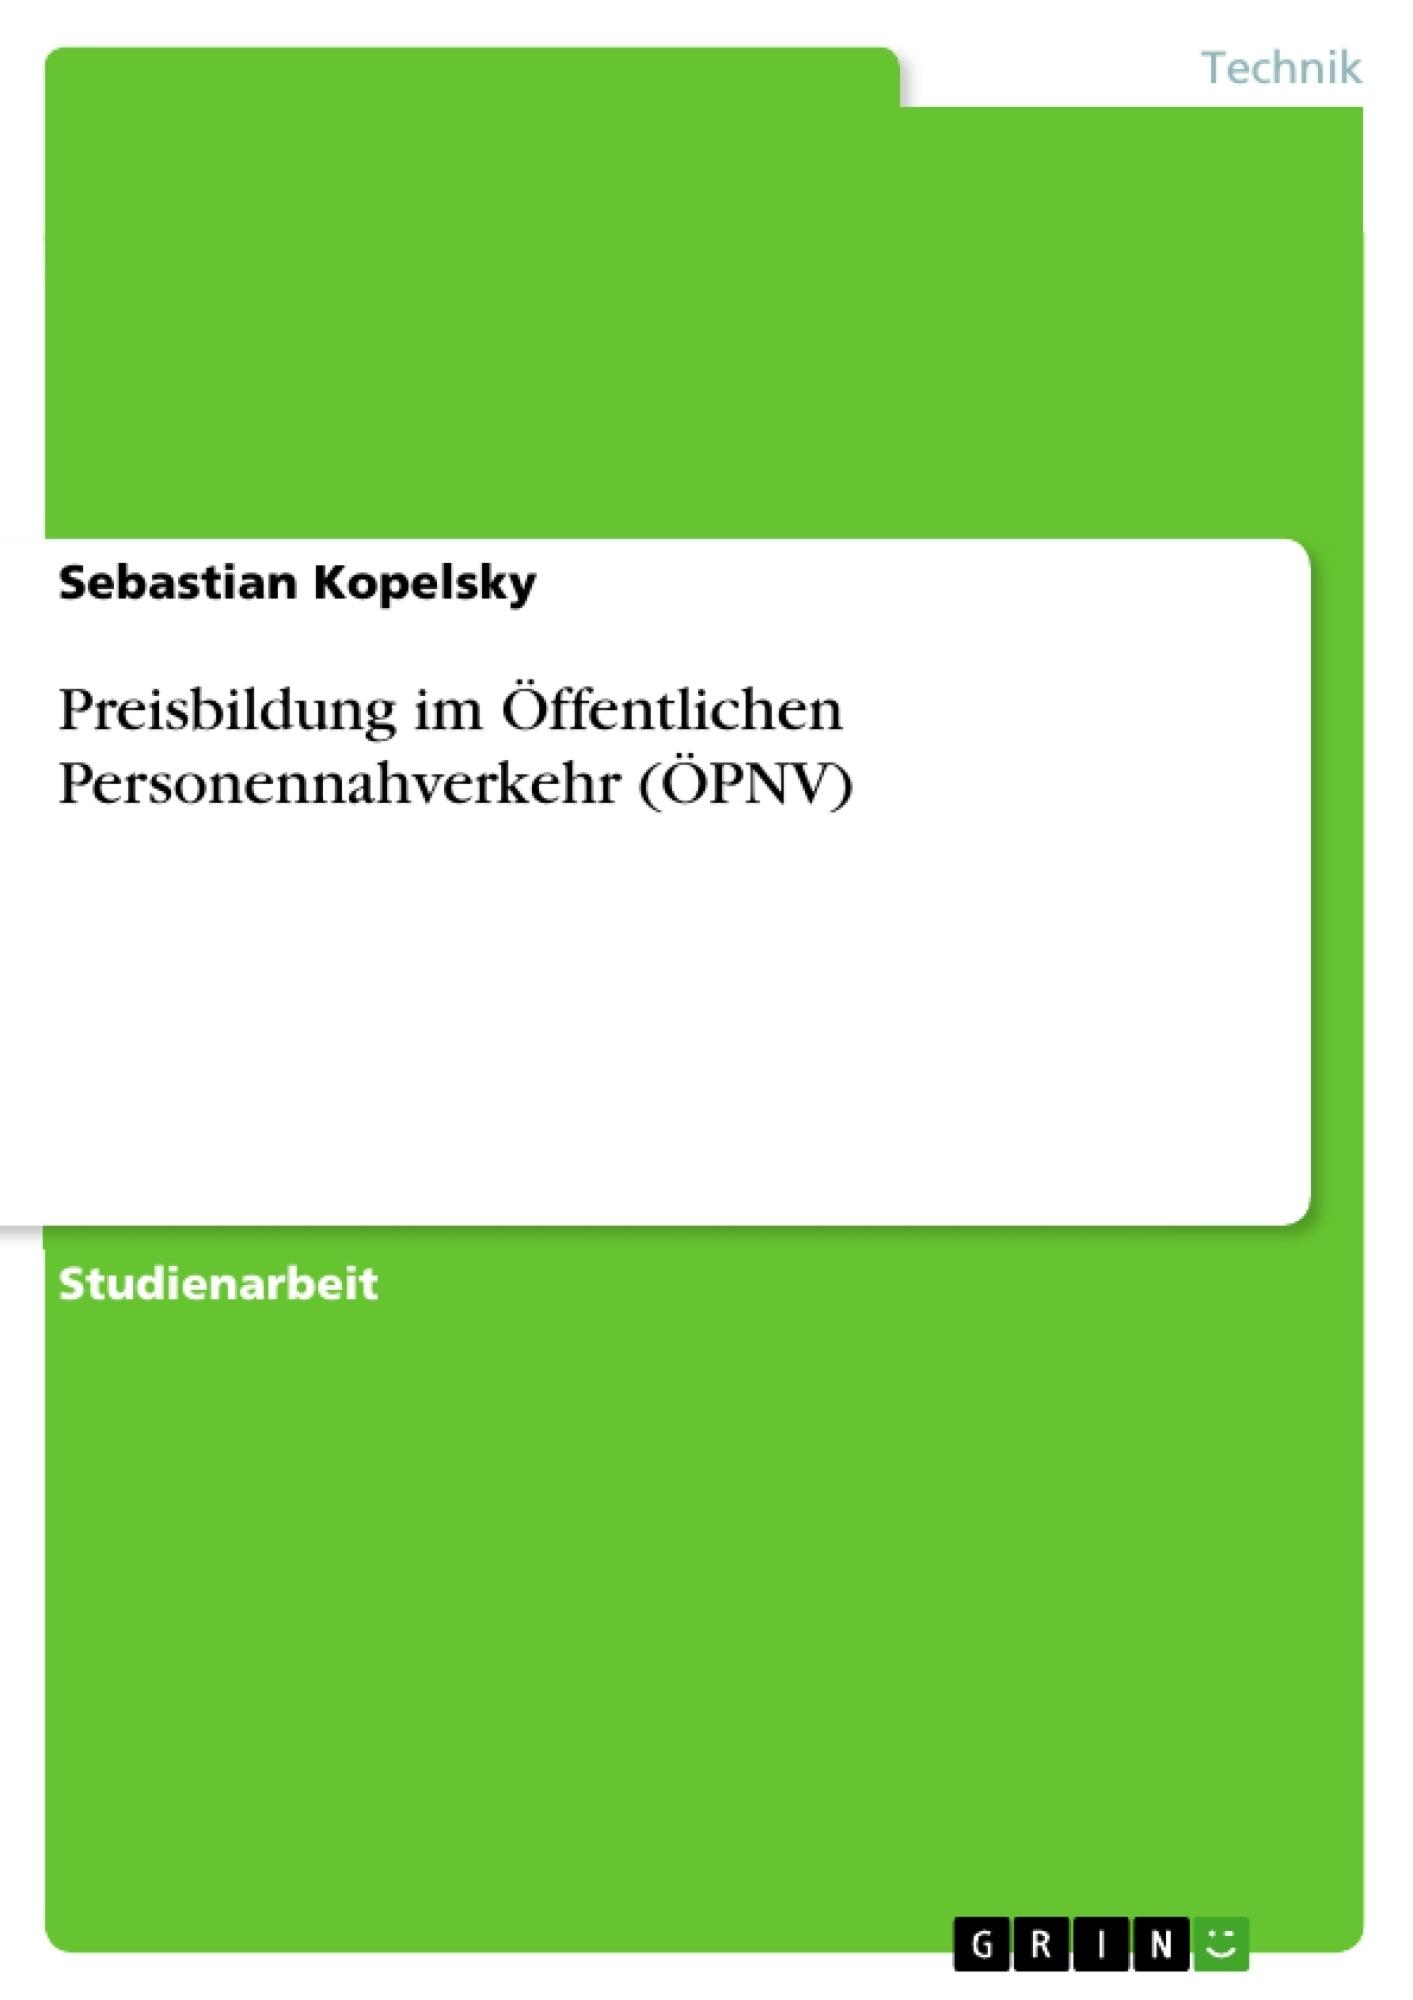 Titel: Preisbildung im Öffentlichen Personennahverkehr (ÖPNV)